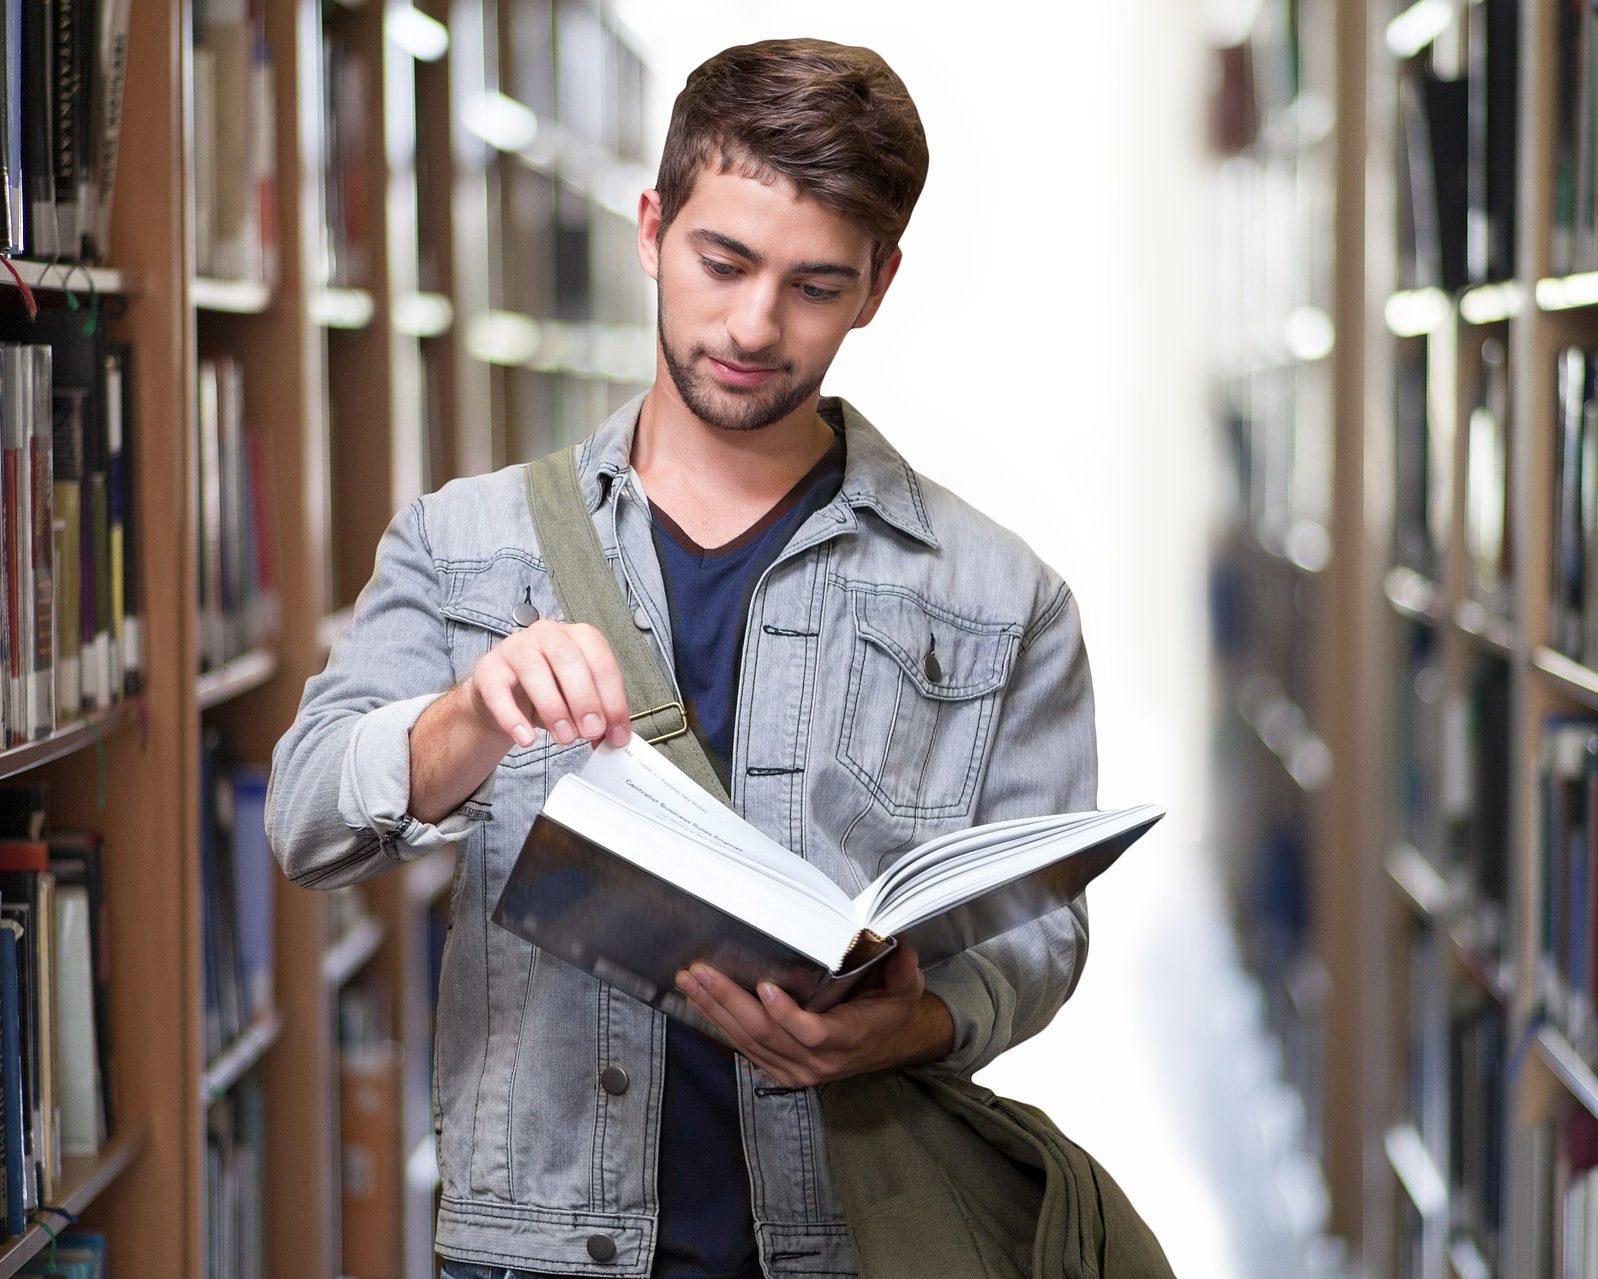 Weiterbildungen durch Präsentsseminare oder E-Leanring. Klicken Sie für weitere Infos....